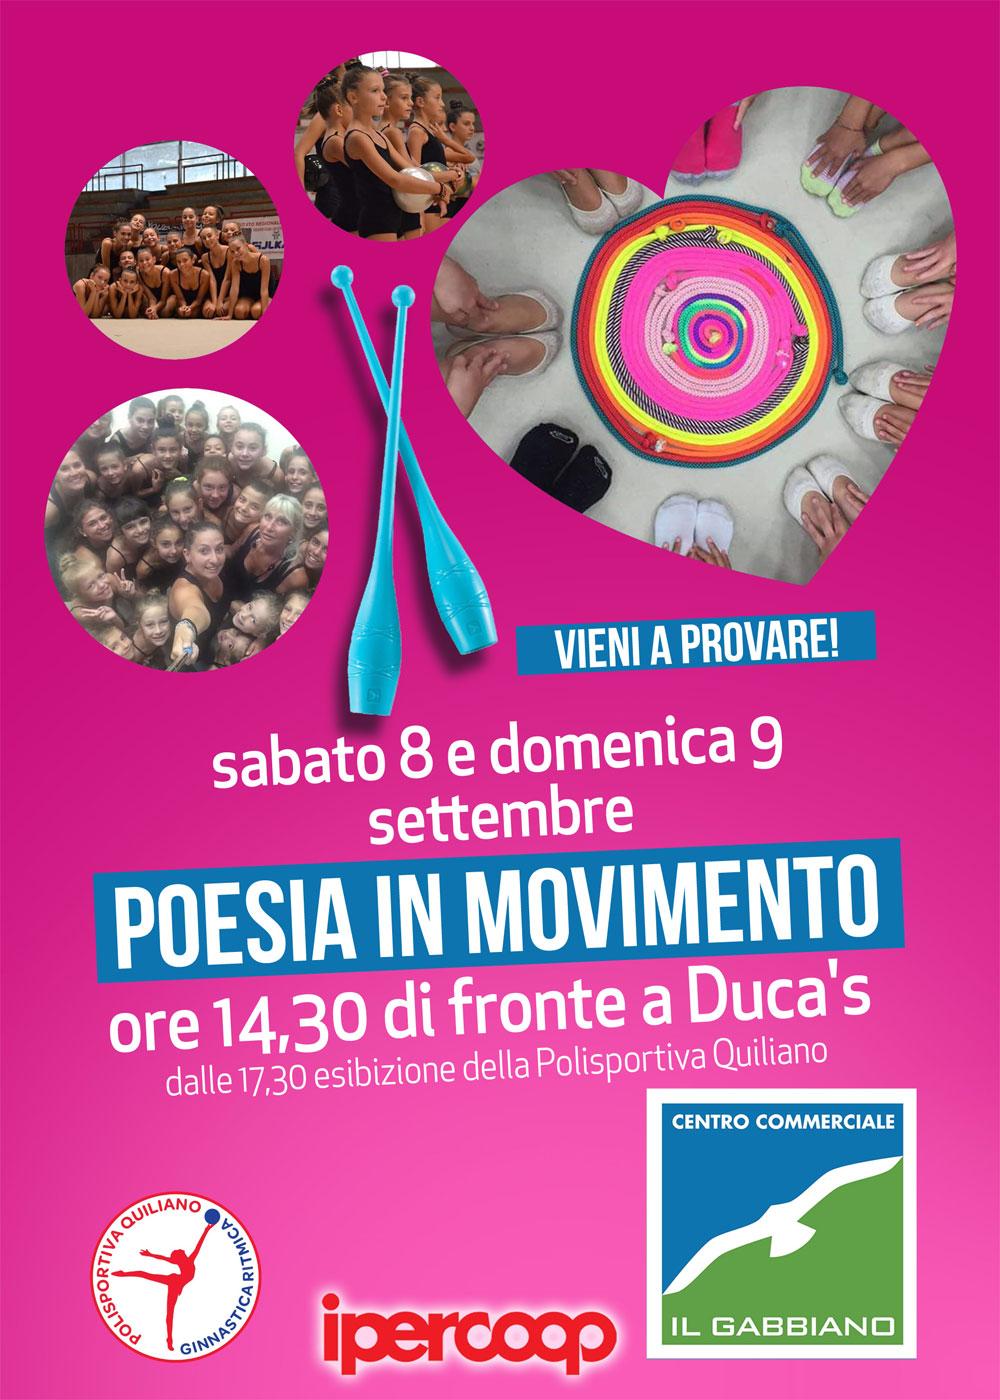 Poesia in movimento 8-9 settembre Centro Commerciale Il Gabbiano Savona